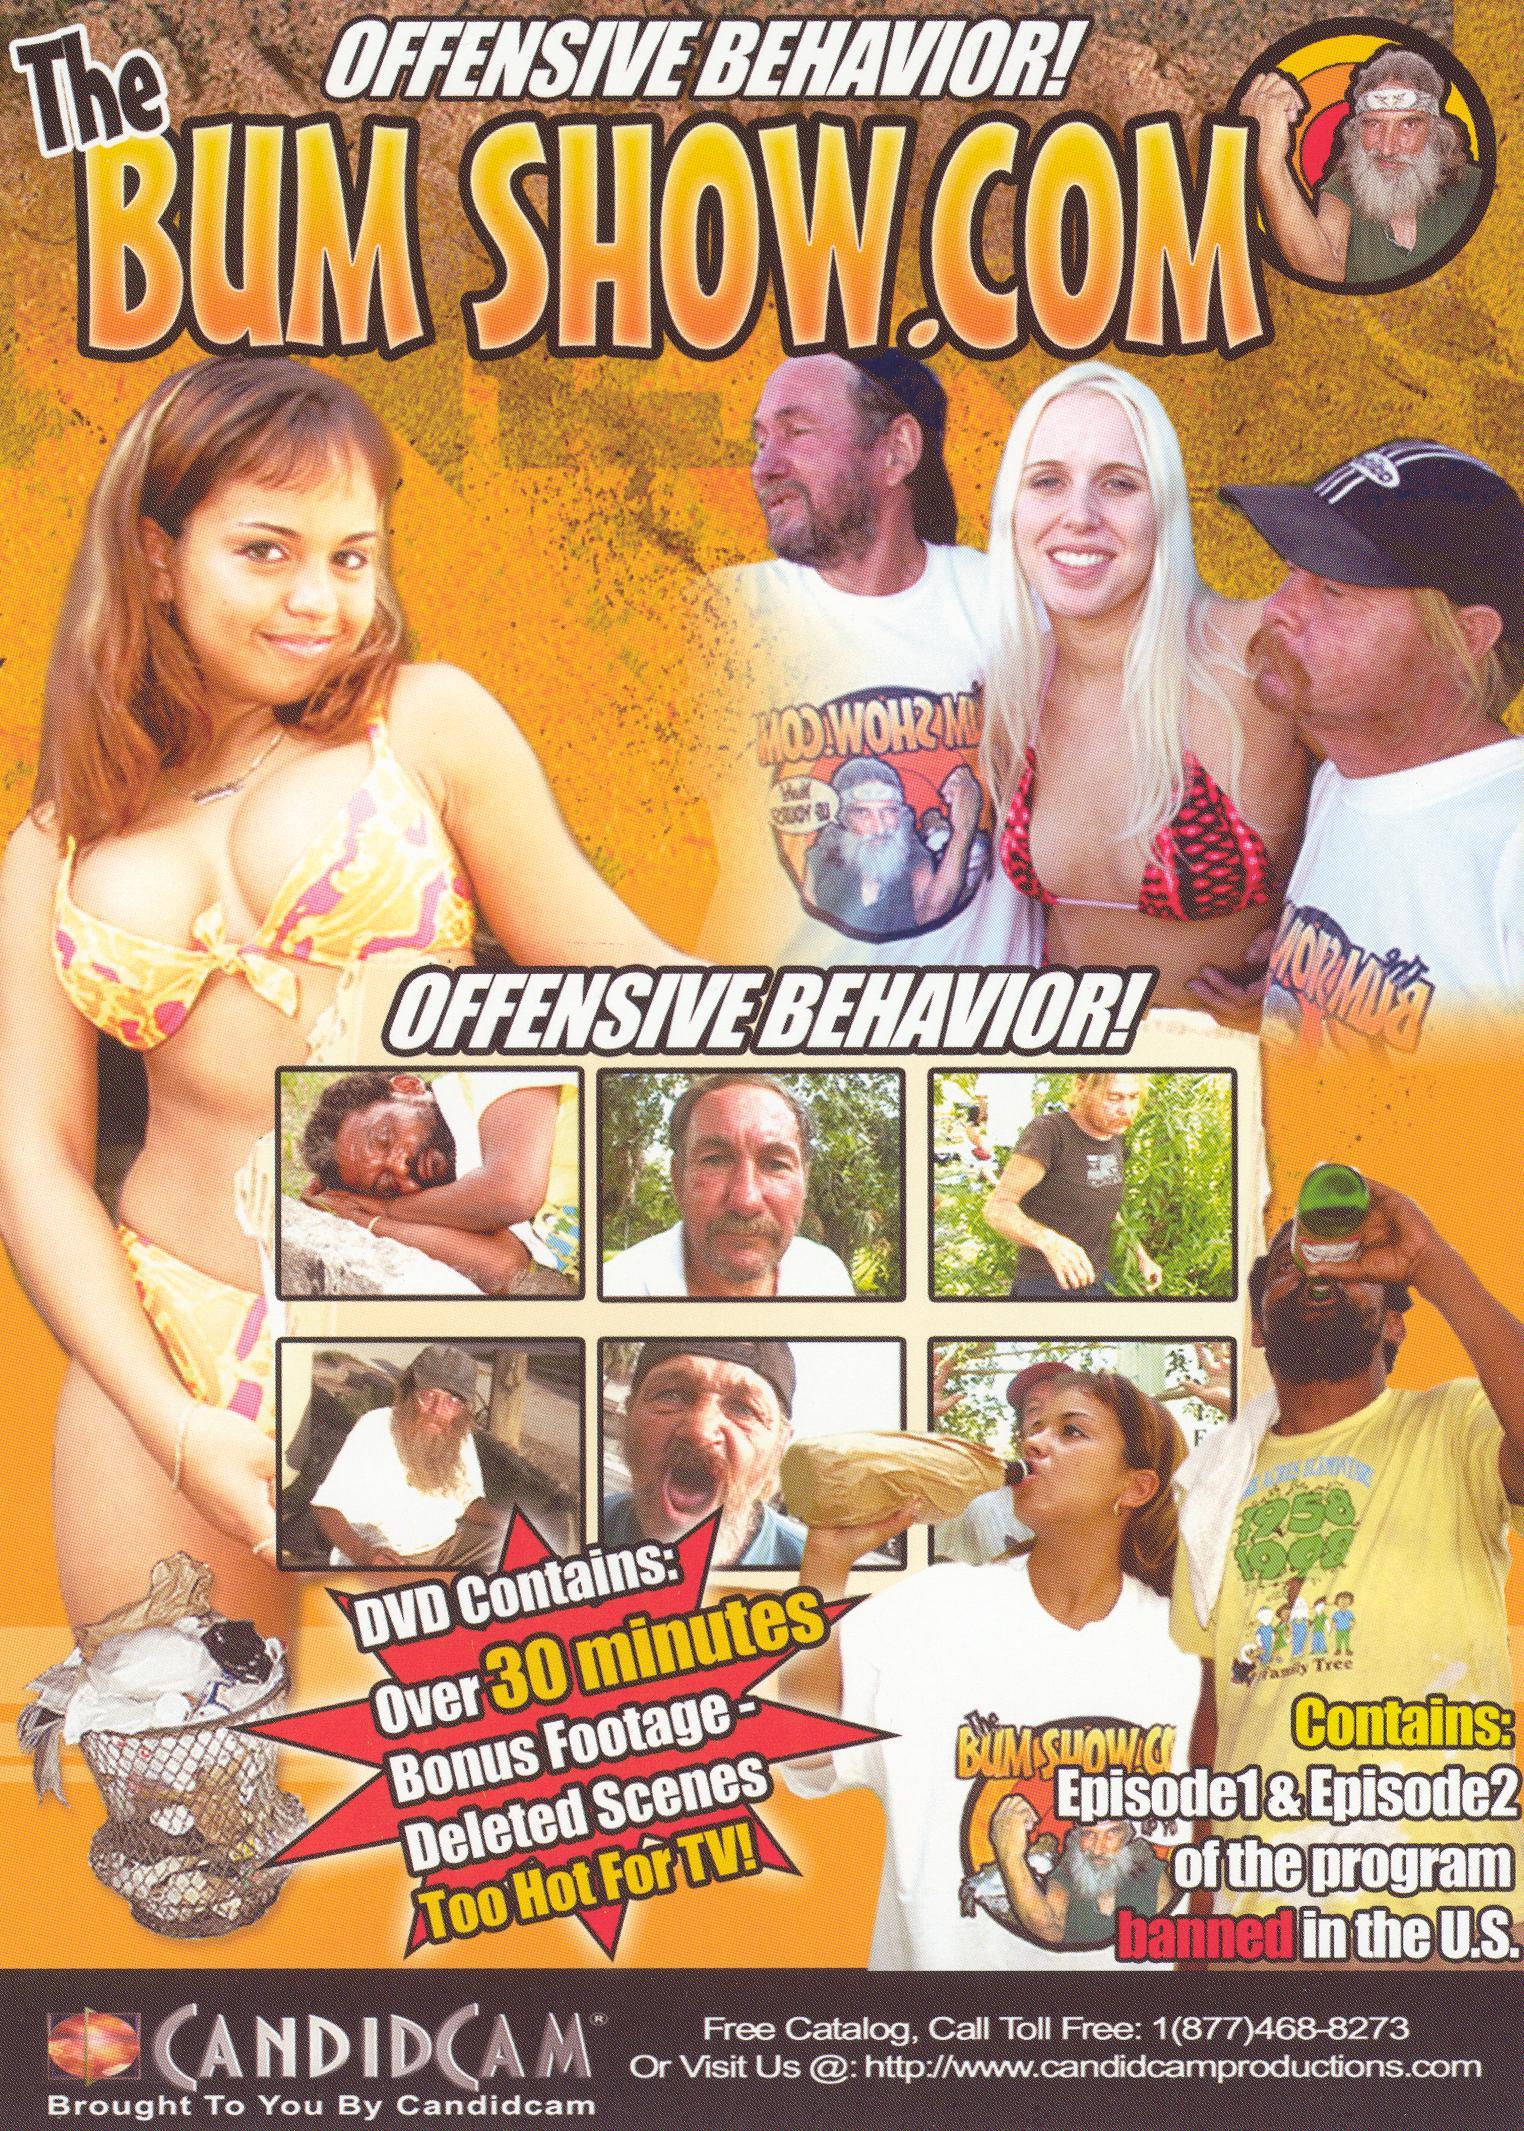 The Bum Show.Com